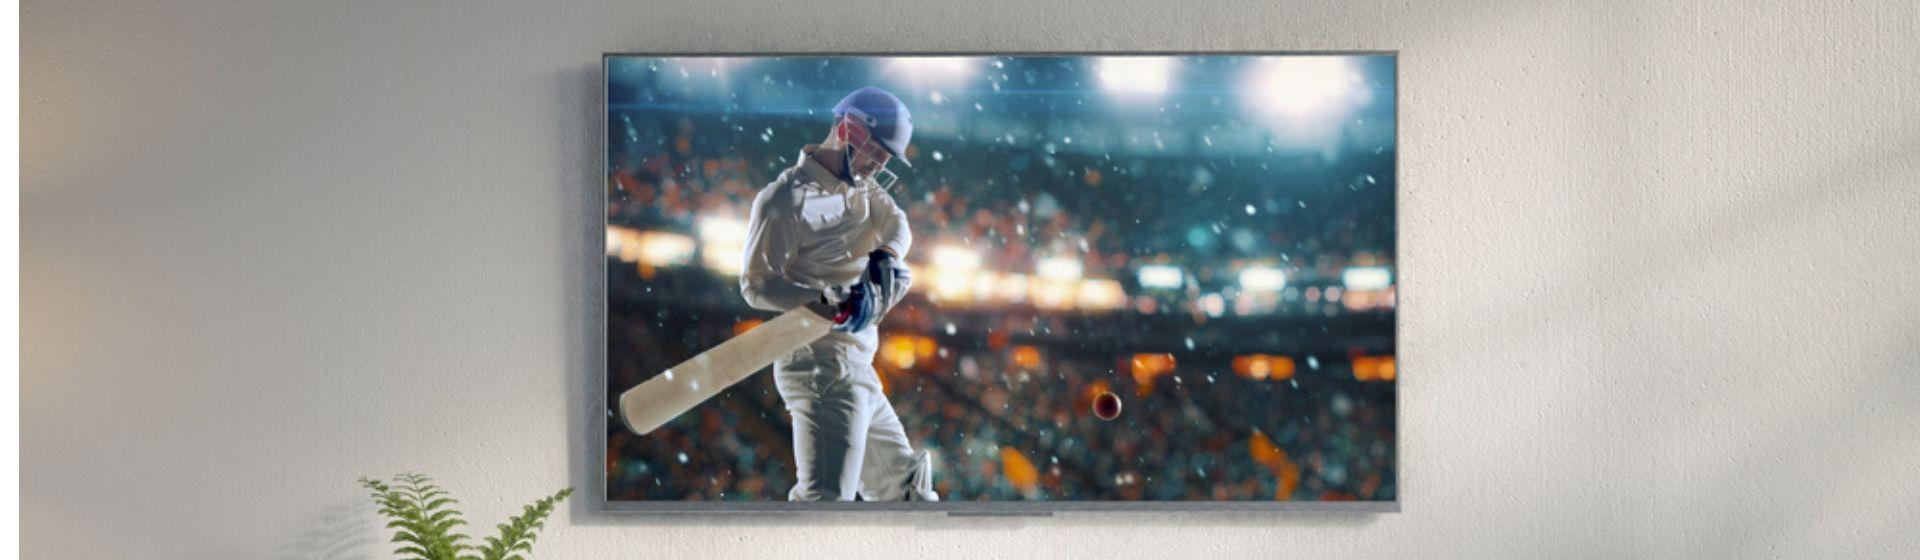 Melhor TV 4K 50 polegadas: confira modelos em 2020